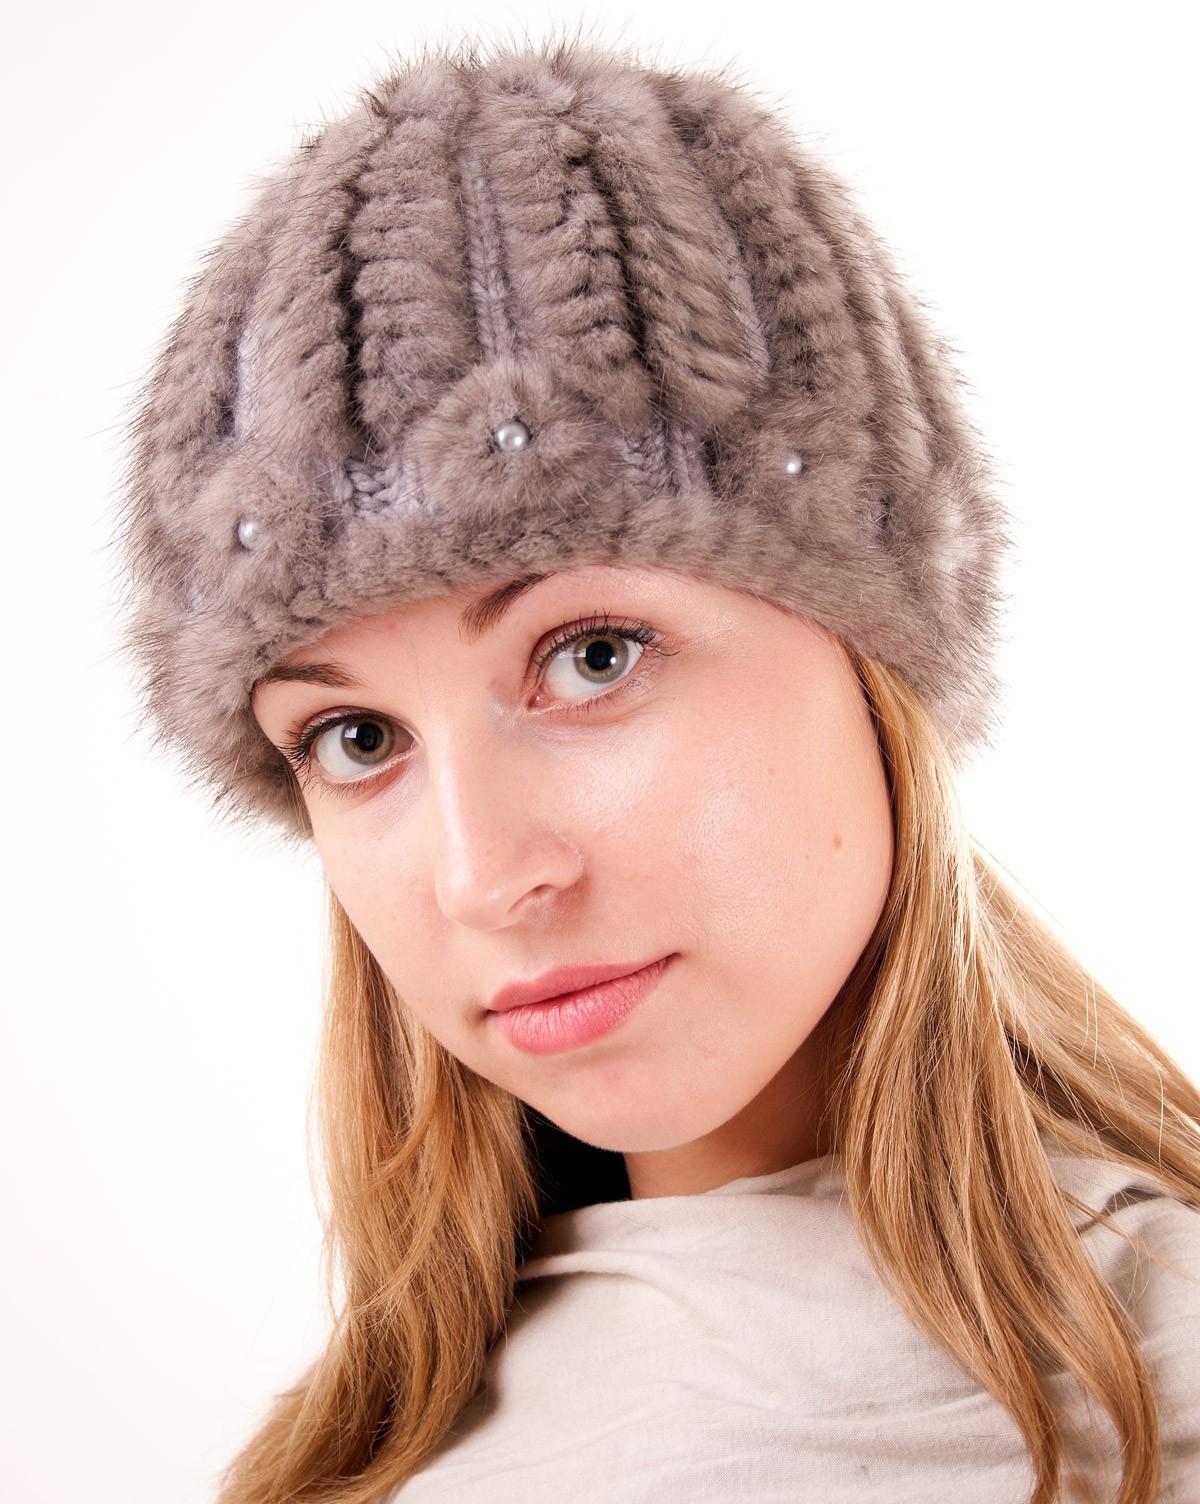 Как связать шапку из меха ВЯЗАНЫЙ МЕХ Pinterest Меха, Мех